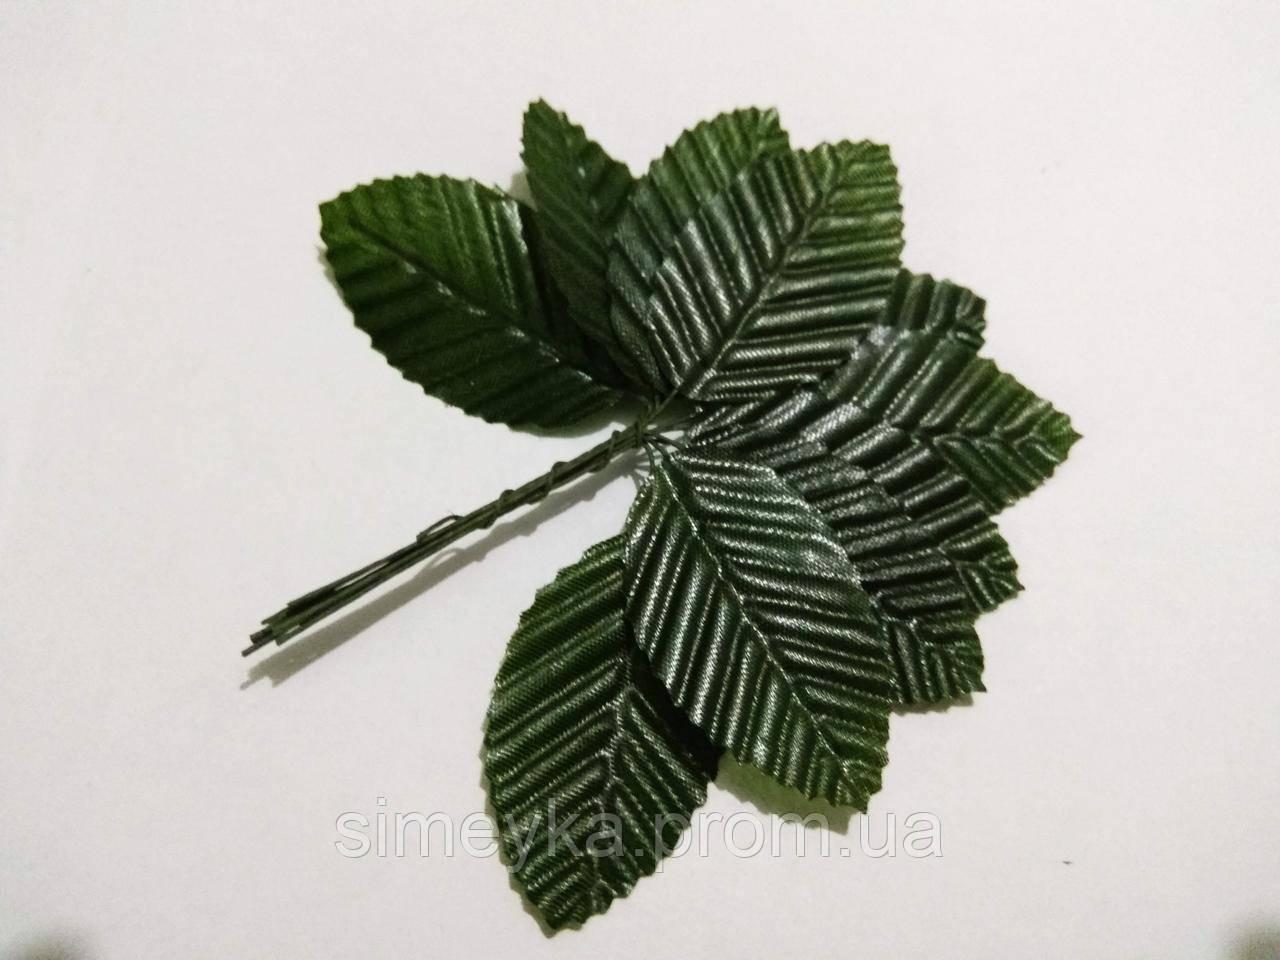 Листок троянди темно-зелений, ширина 3 см, довжина 4,8 см, на проволоці. Пучок 10 листочків.